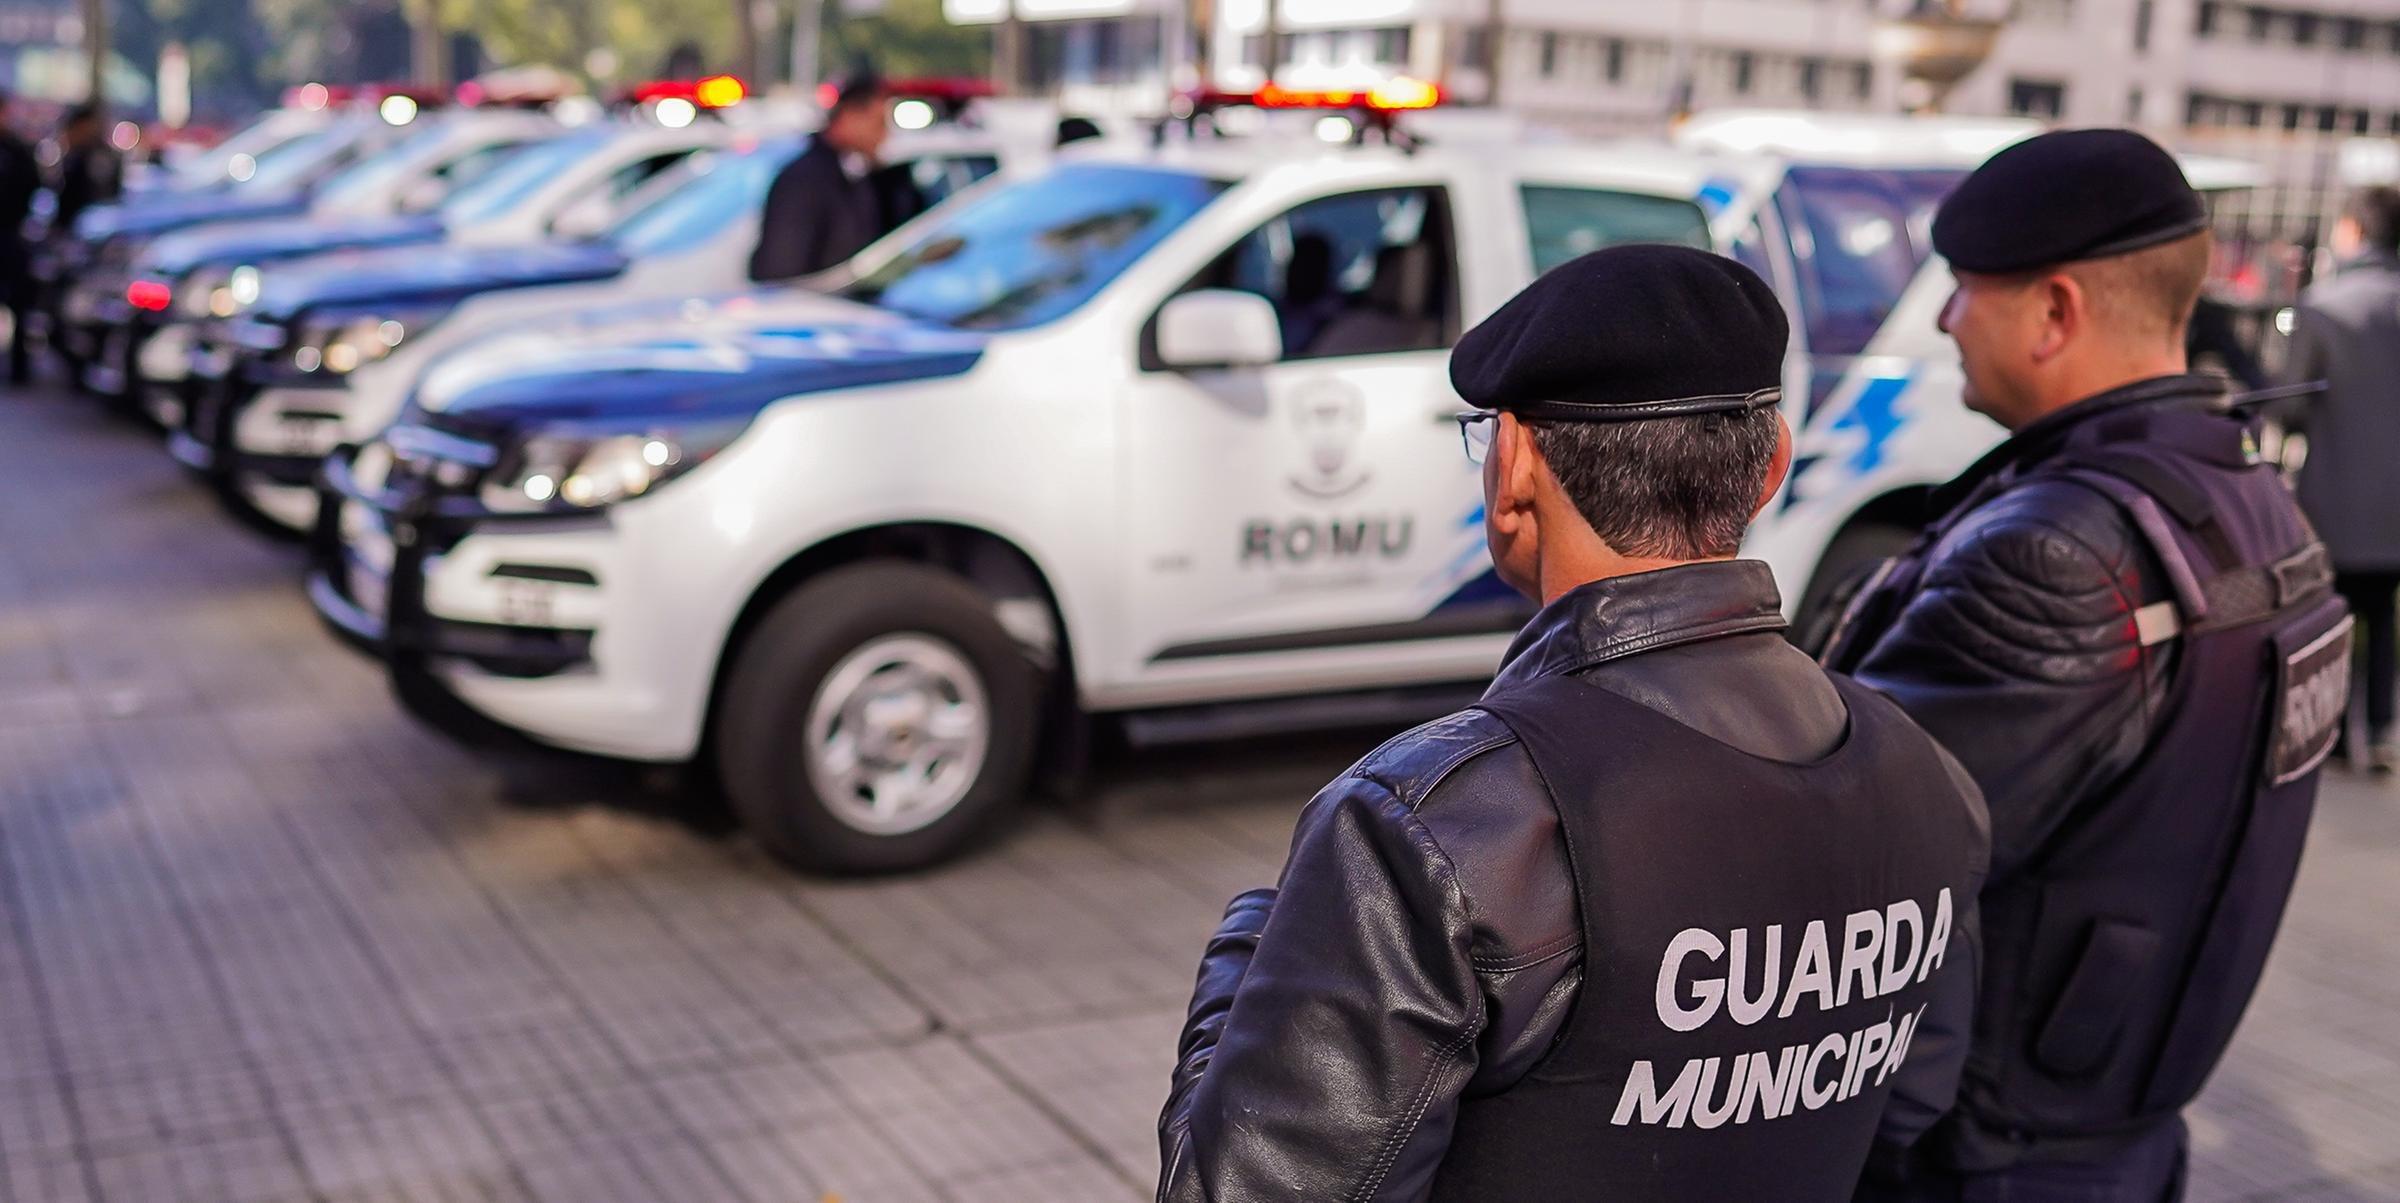 Guarda Municipal fara ações para evitar aglomerações durante os jogos da dupla Gre-Nal no domingo